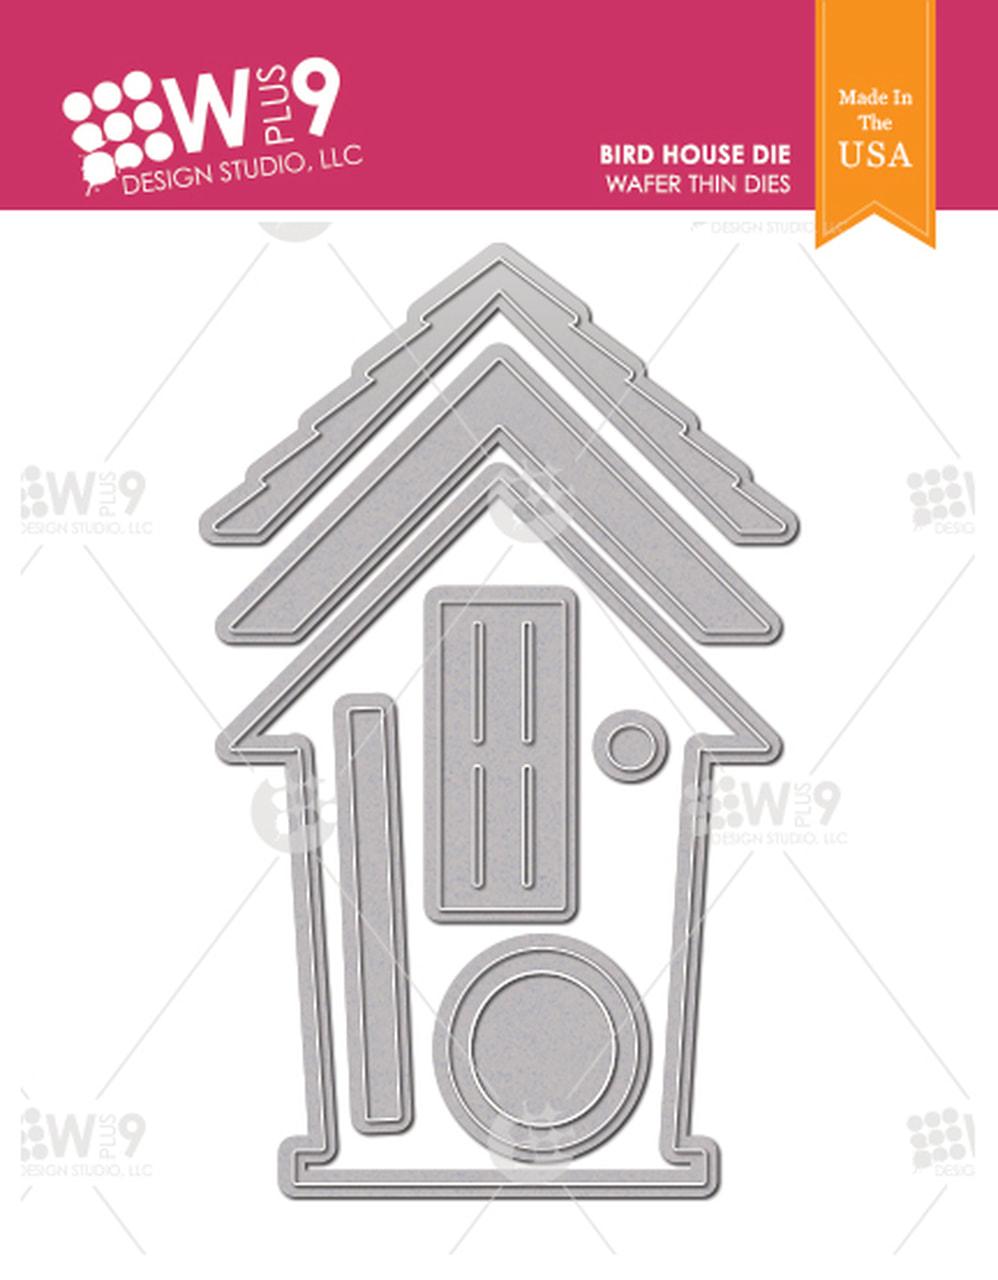 WPlus9 - Bird House Die